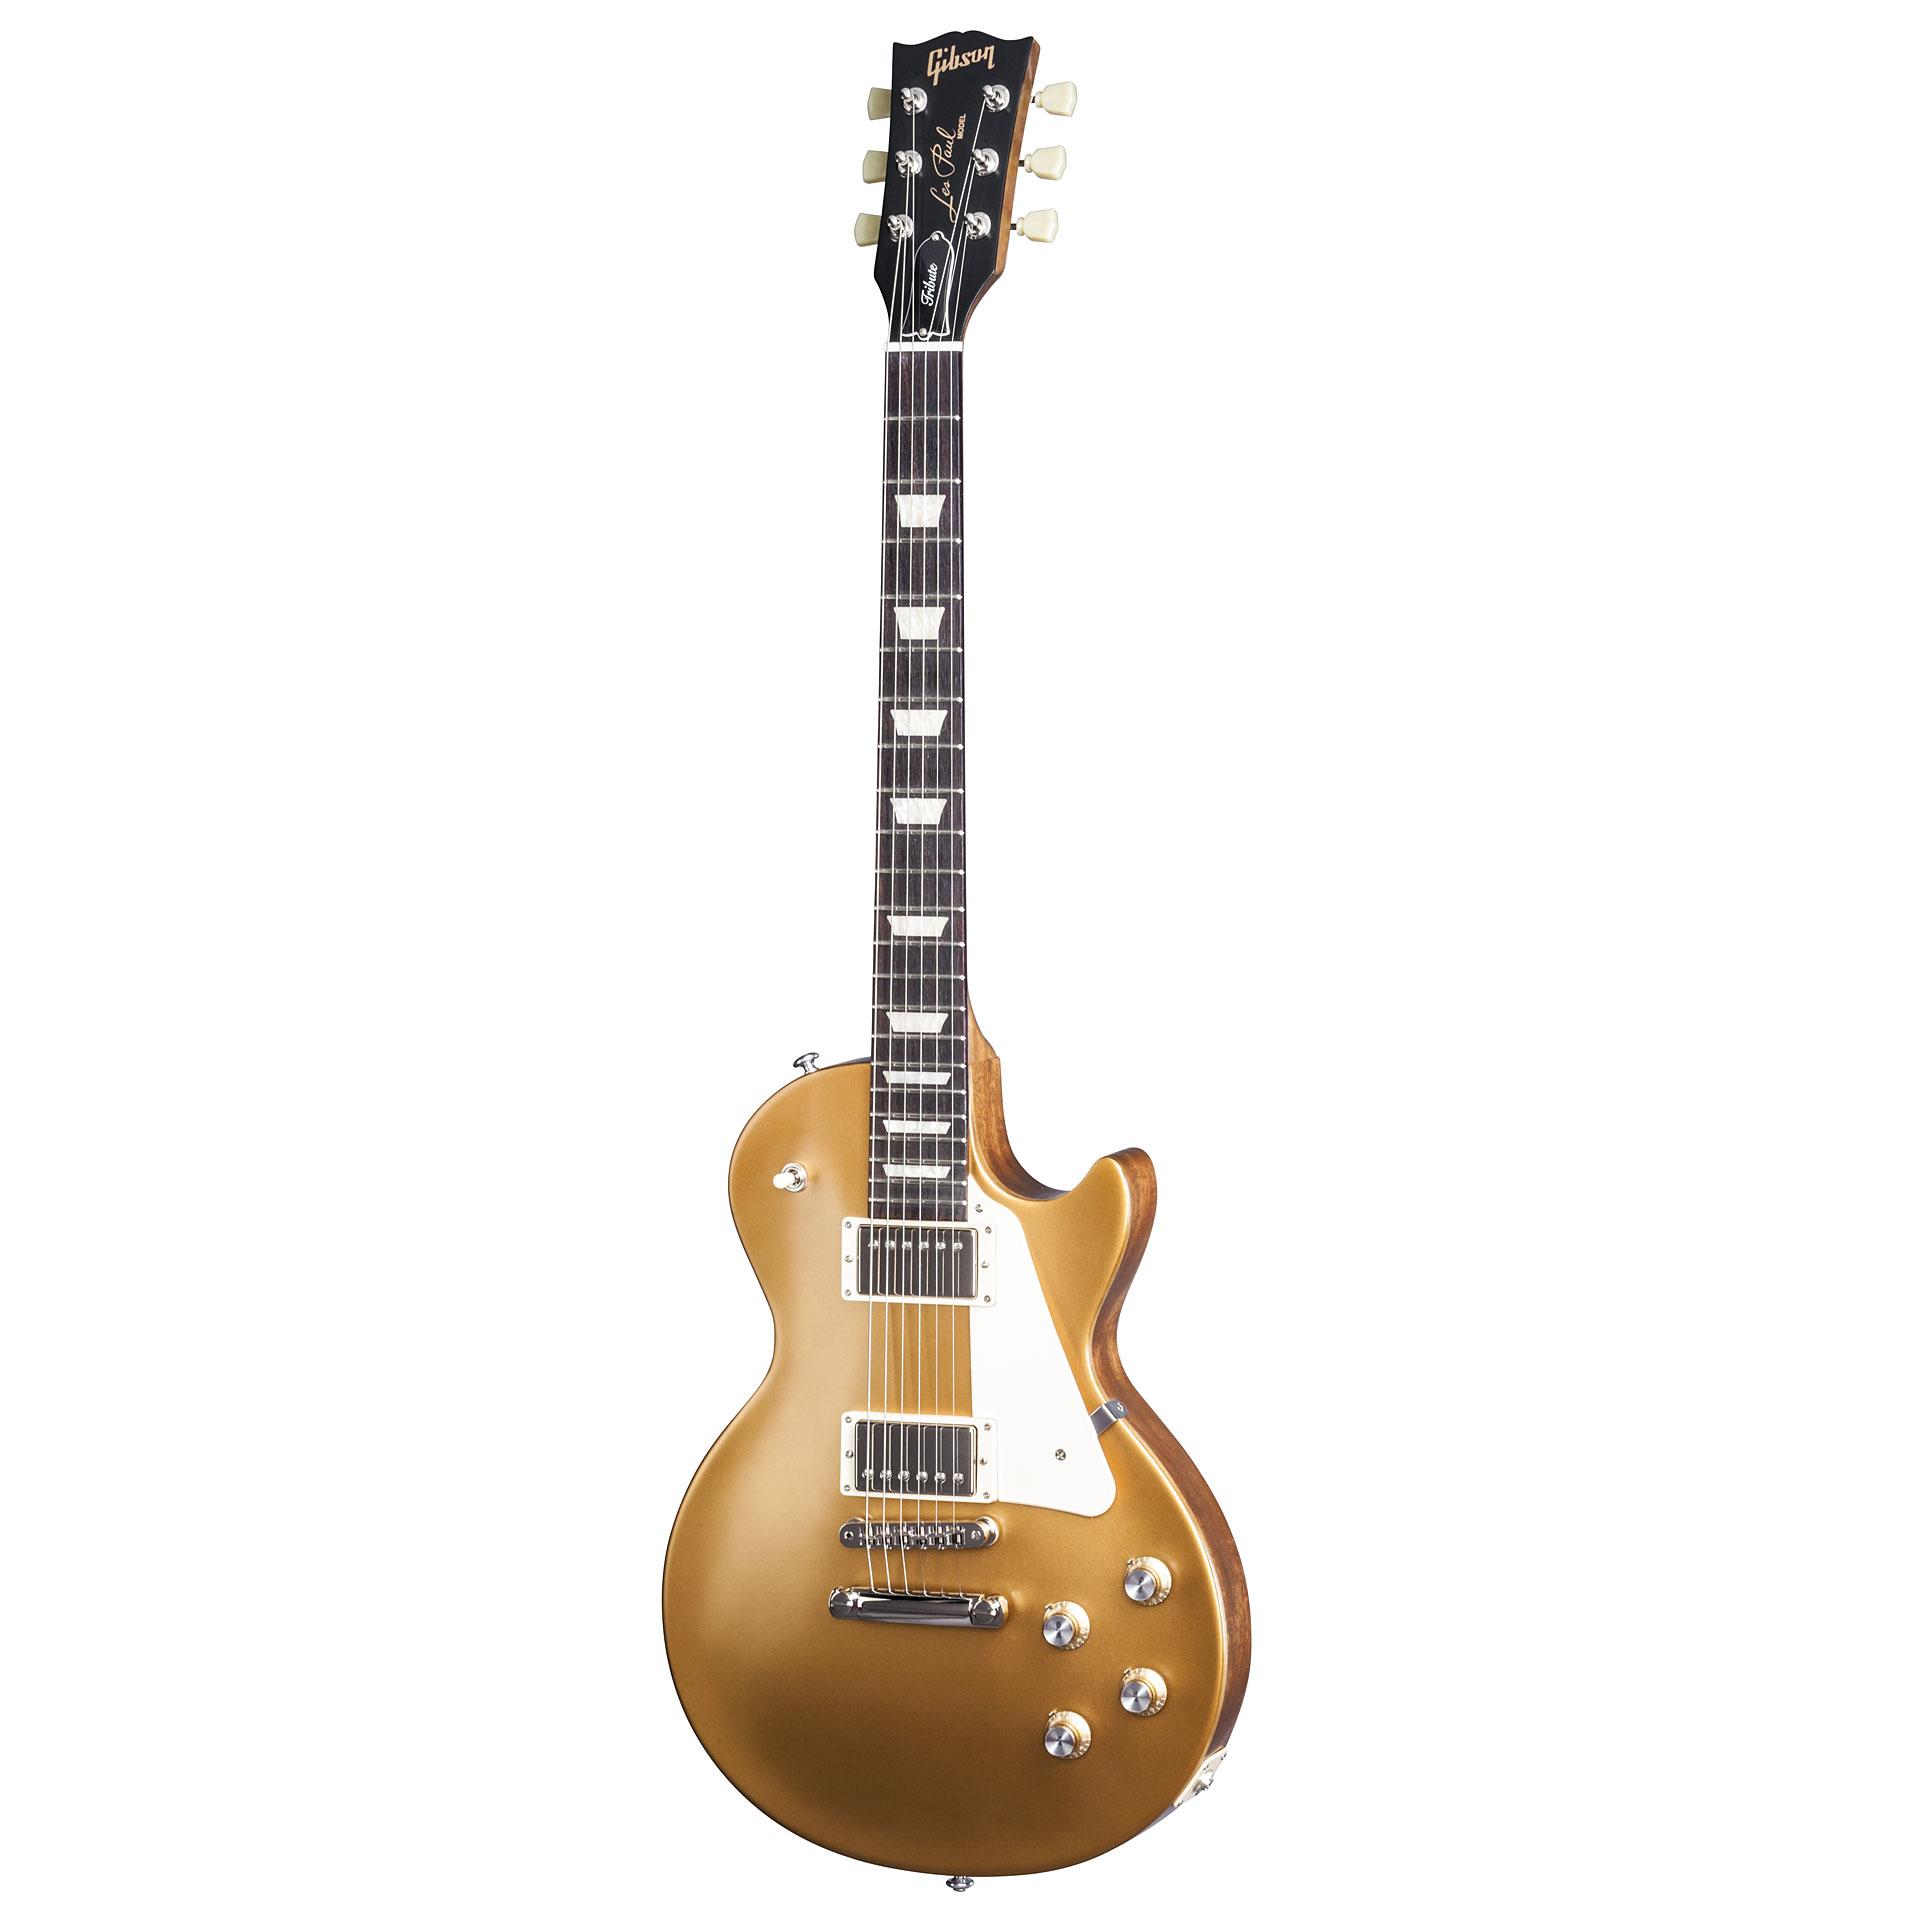 Gibson les paul tribute t 2017 sg chitarra elettrica for Chitarra gibson les paul